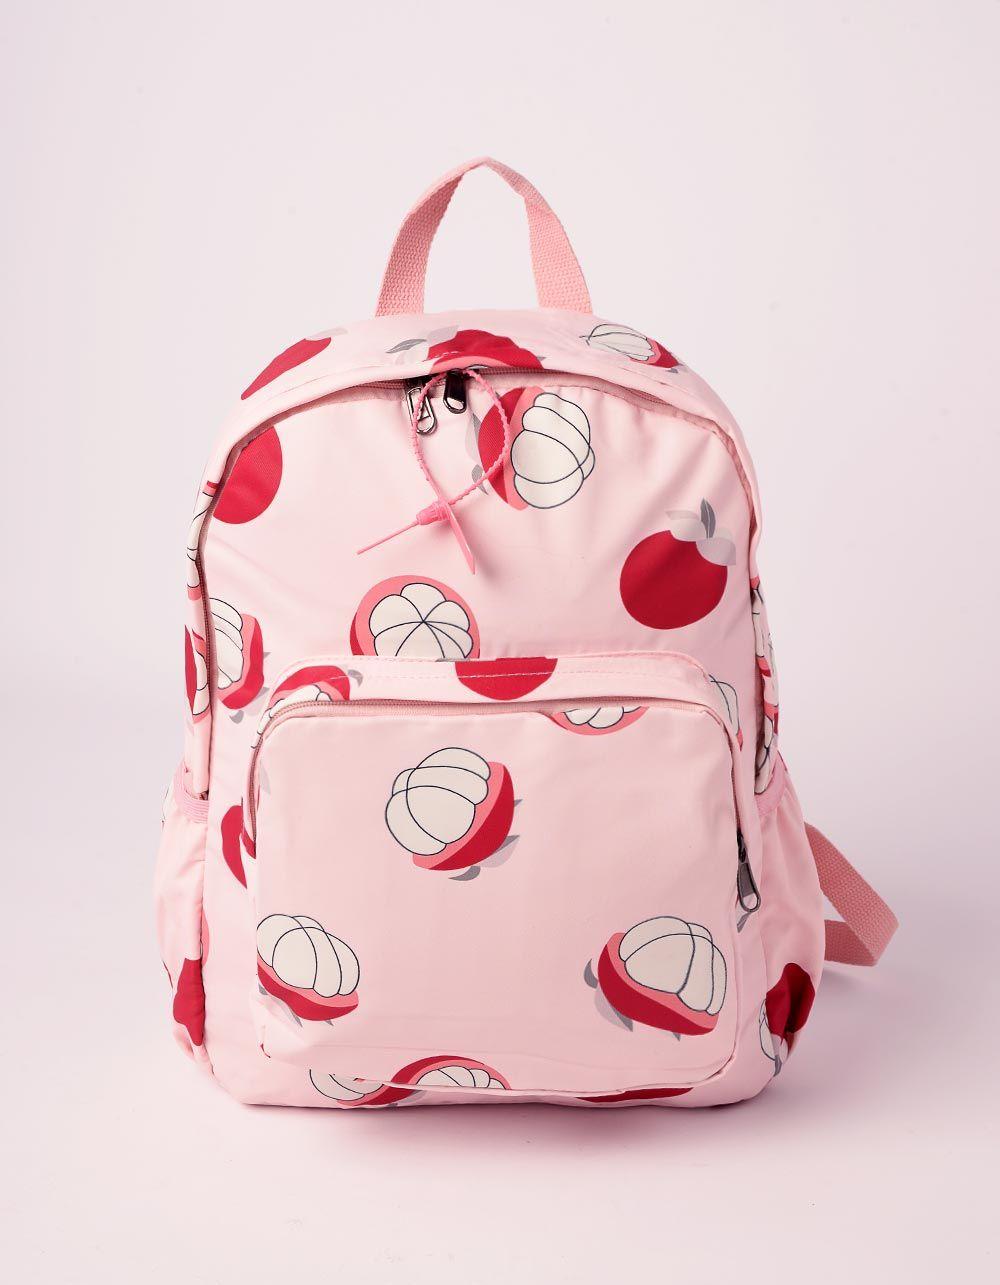 Рюкзак із тканини з принтом фруктів та квітів | 239348-14-XX